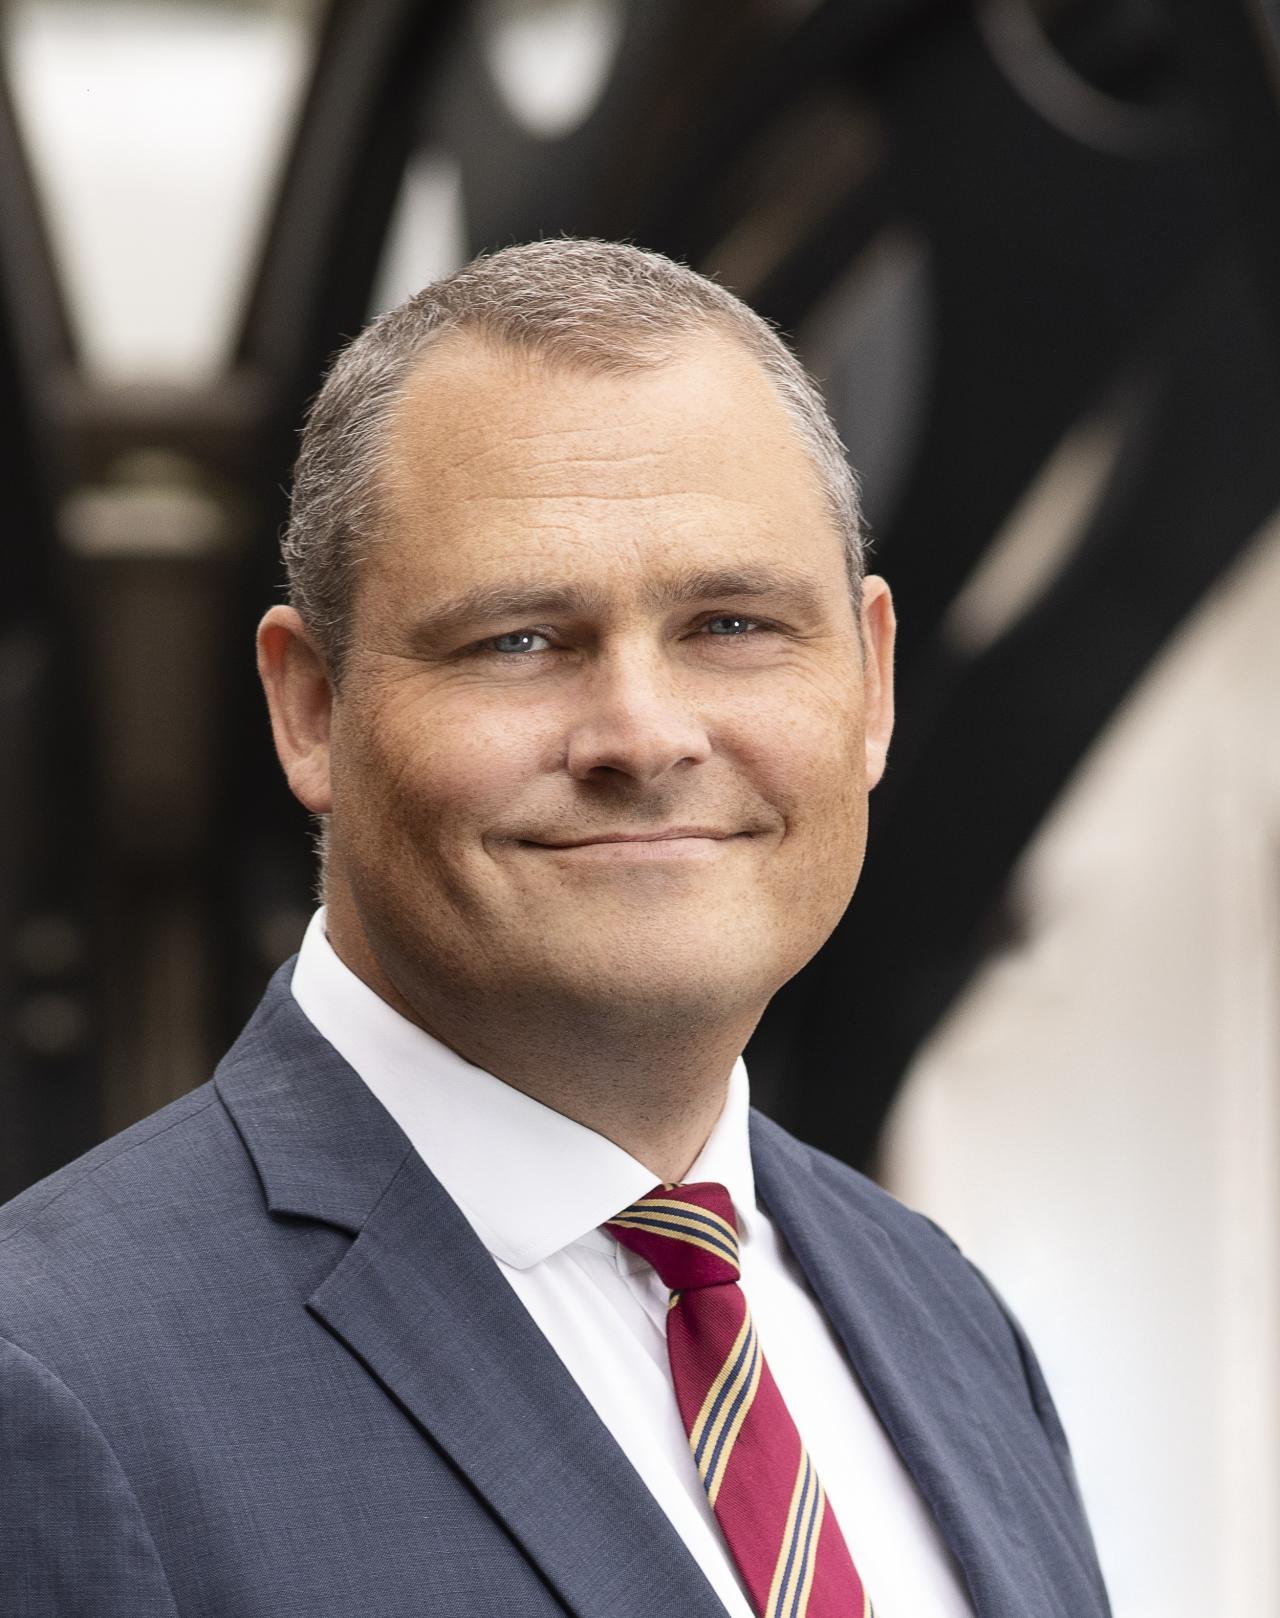 Kasper Carøe er ledelsesrådgiver og partner i Implement med fokus på bl.a. cybersikkerhed, it-risikostyring og compliance